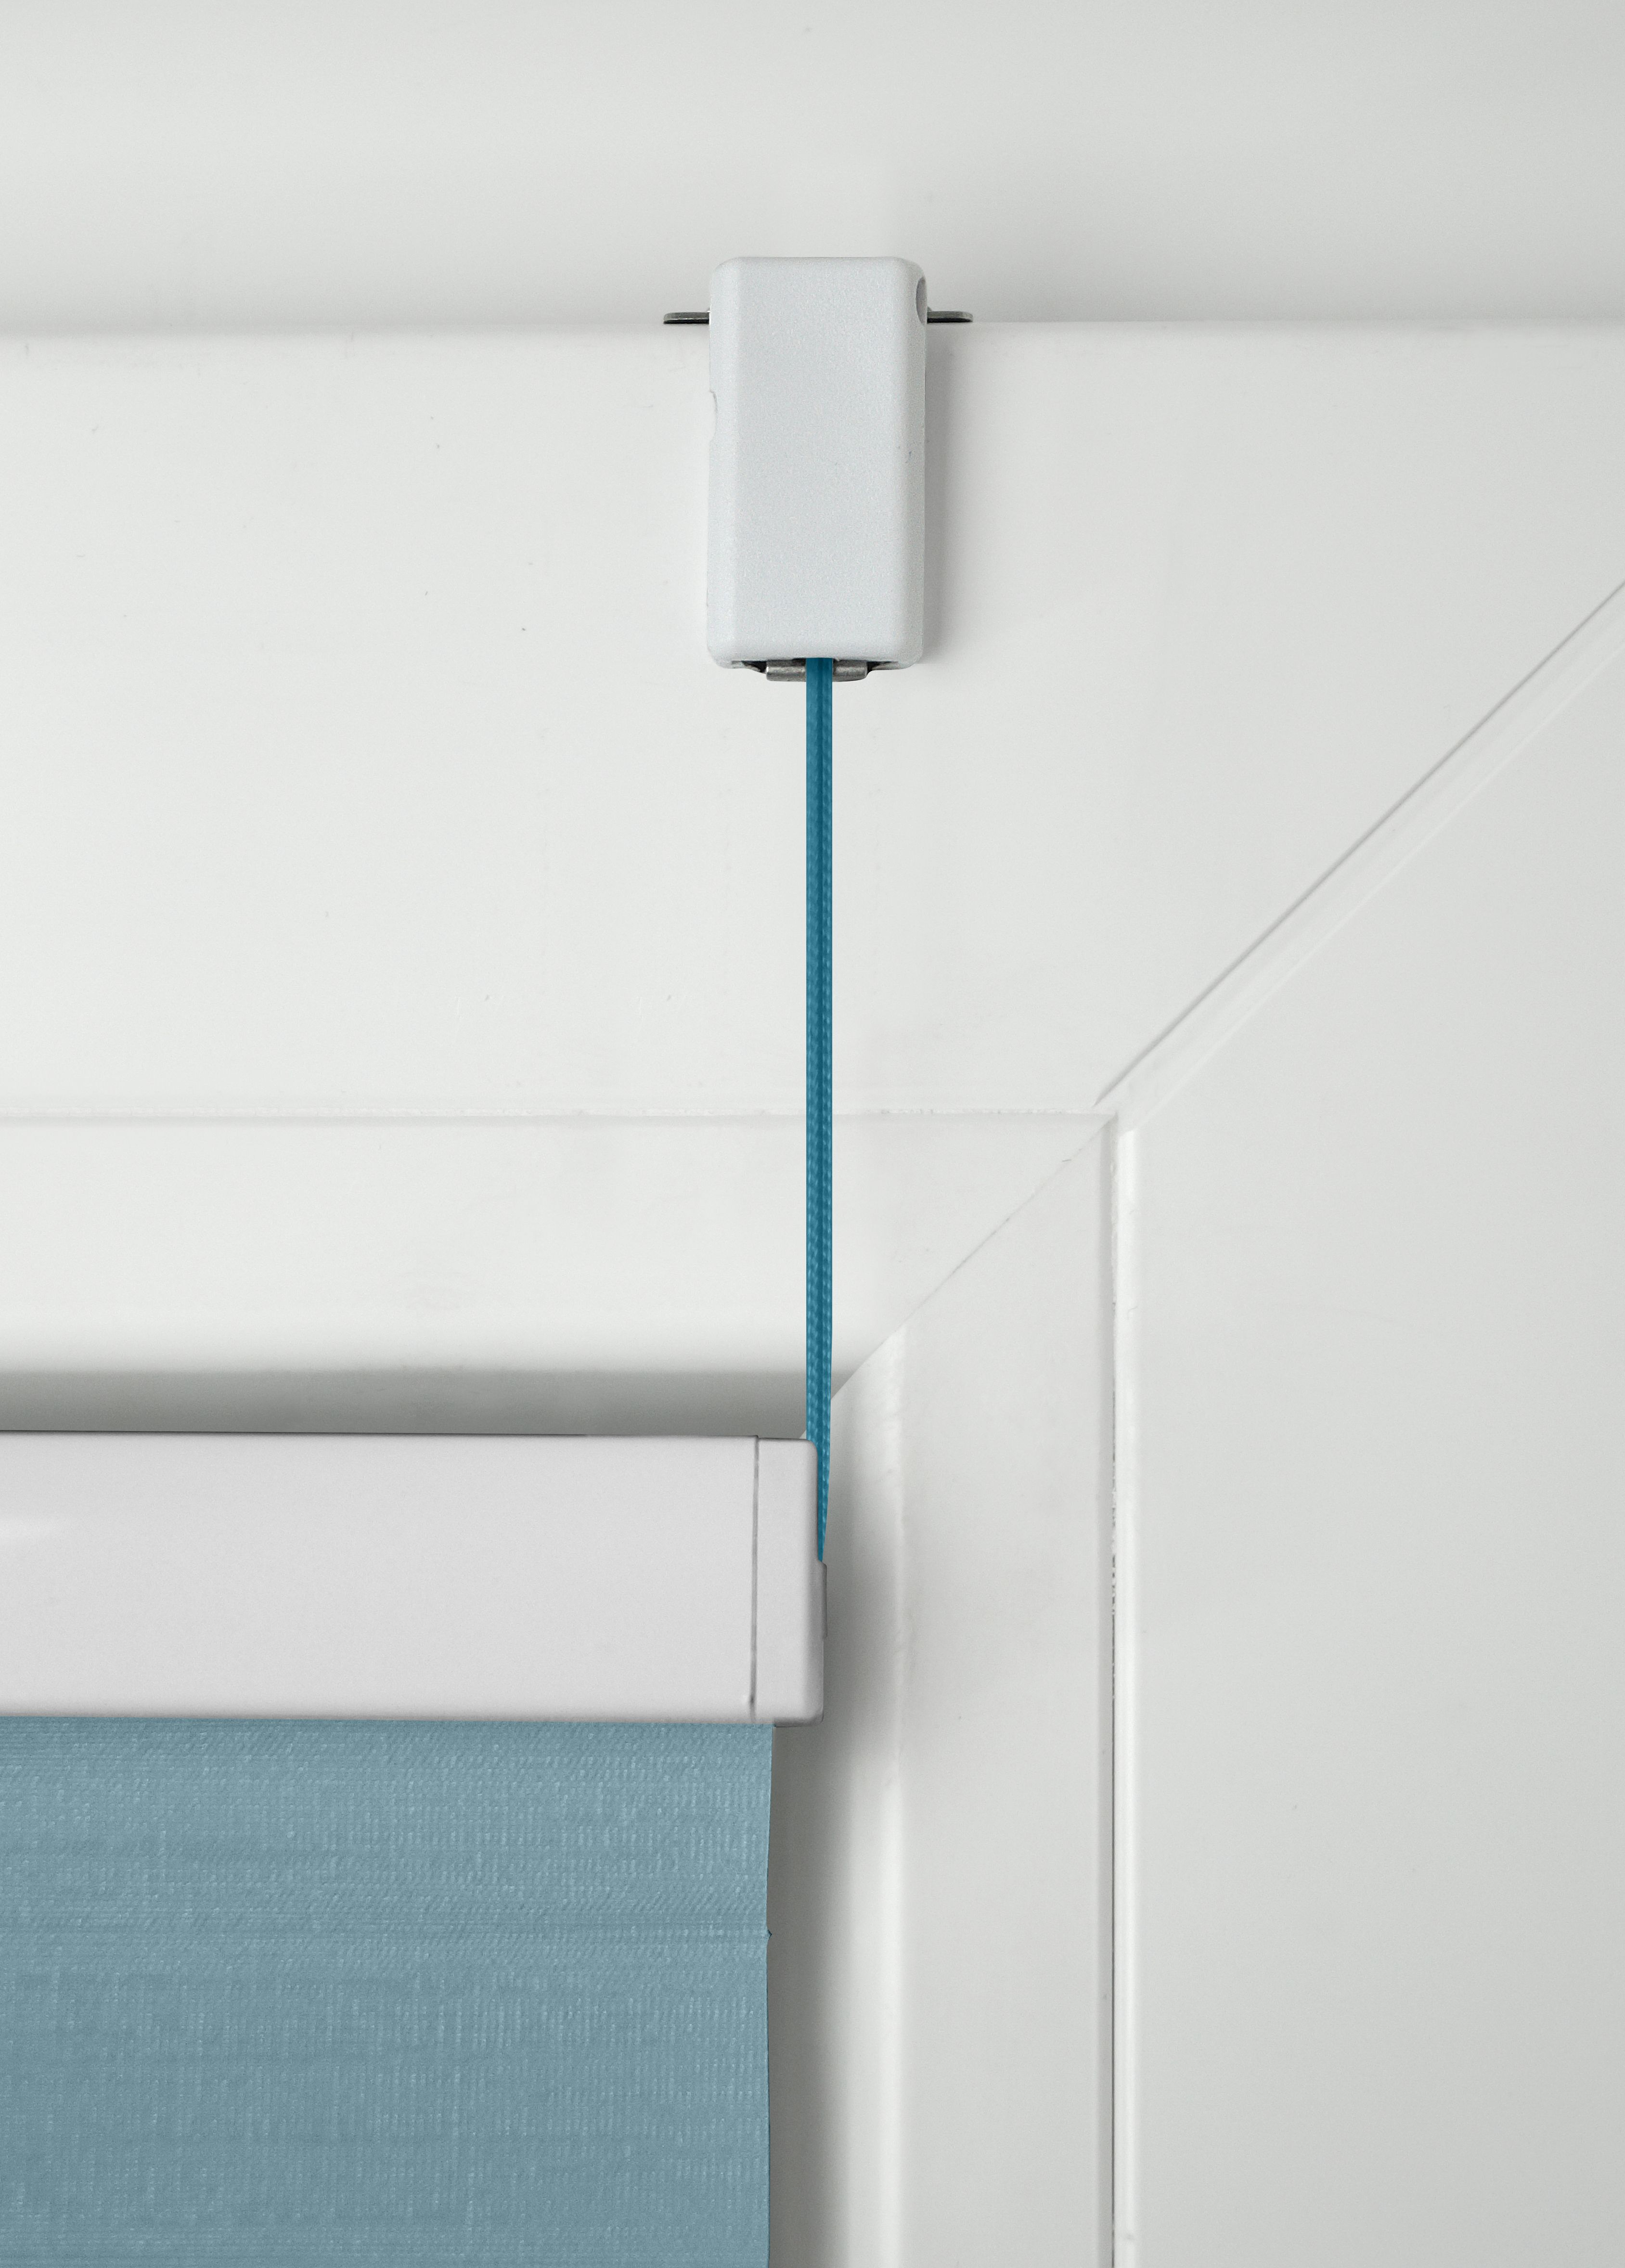 plissee befestigen best plissee befestigung kleben plissee rollo zum kleben frisch formschn und. Black Bedroom Furniture Sets. Home Design Ideas